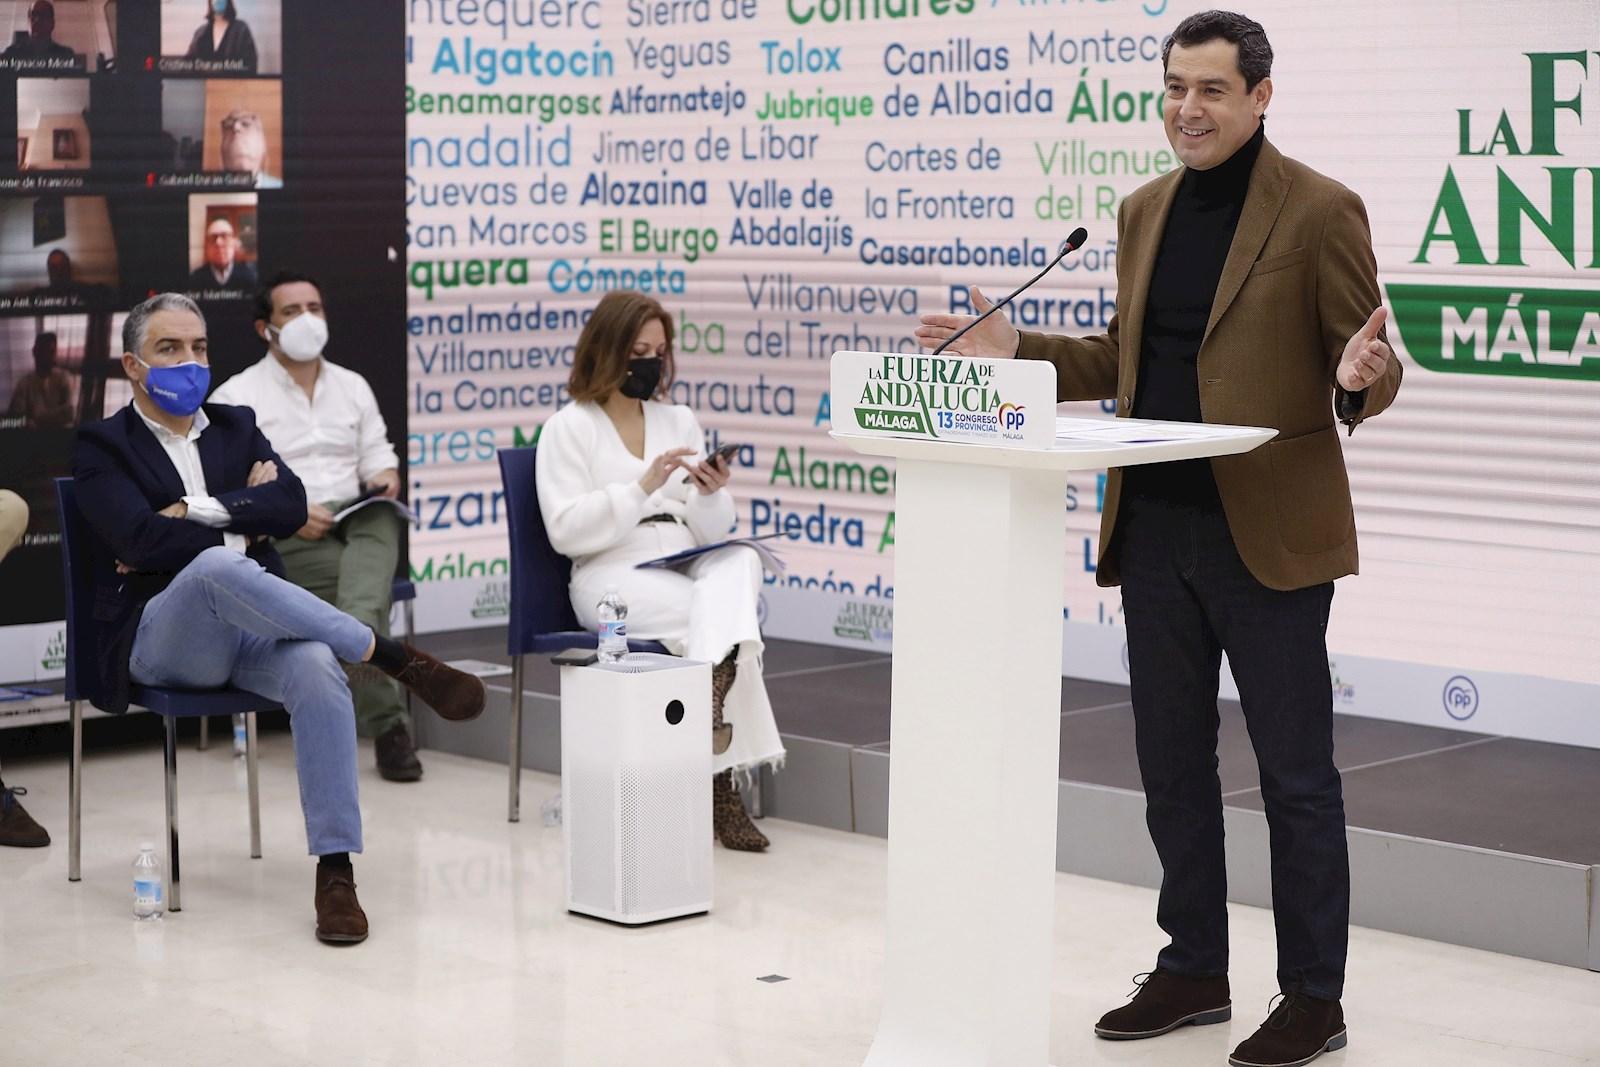 El presidente de Andalucía, Juan Manuel Moreno Bonilla.